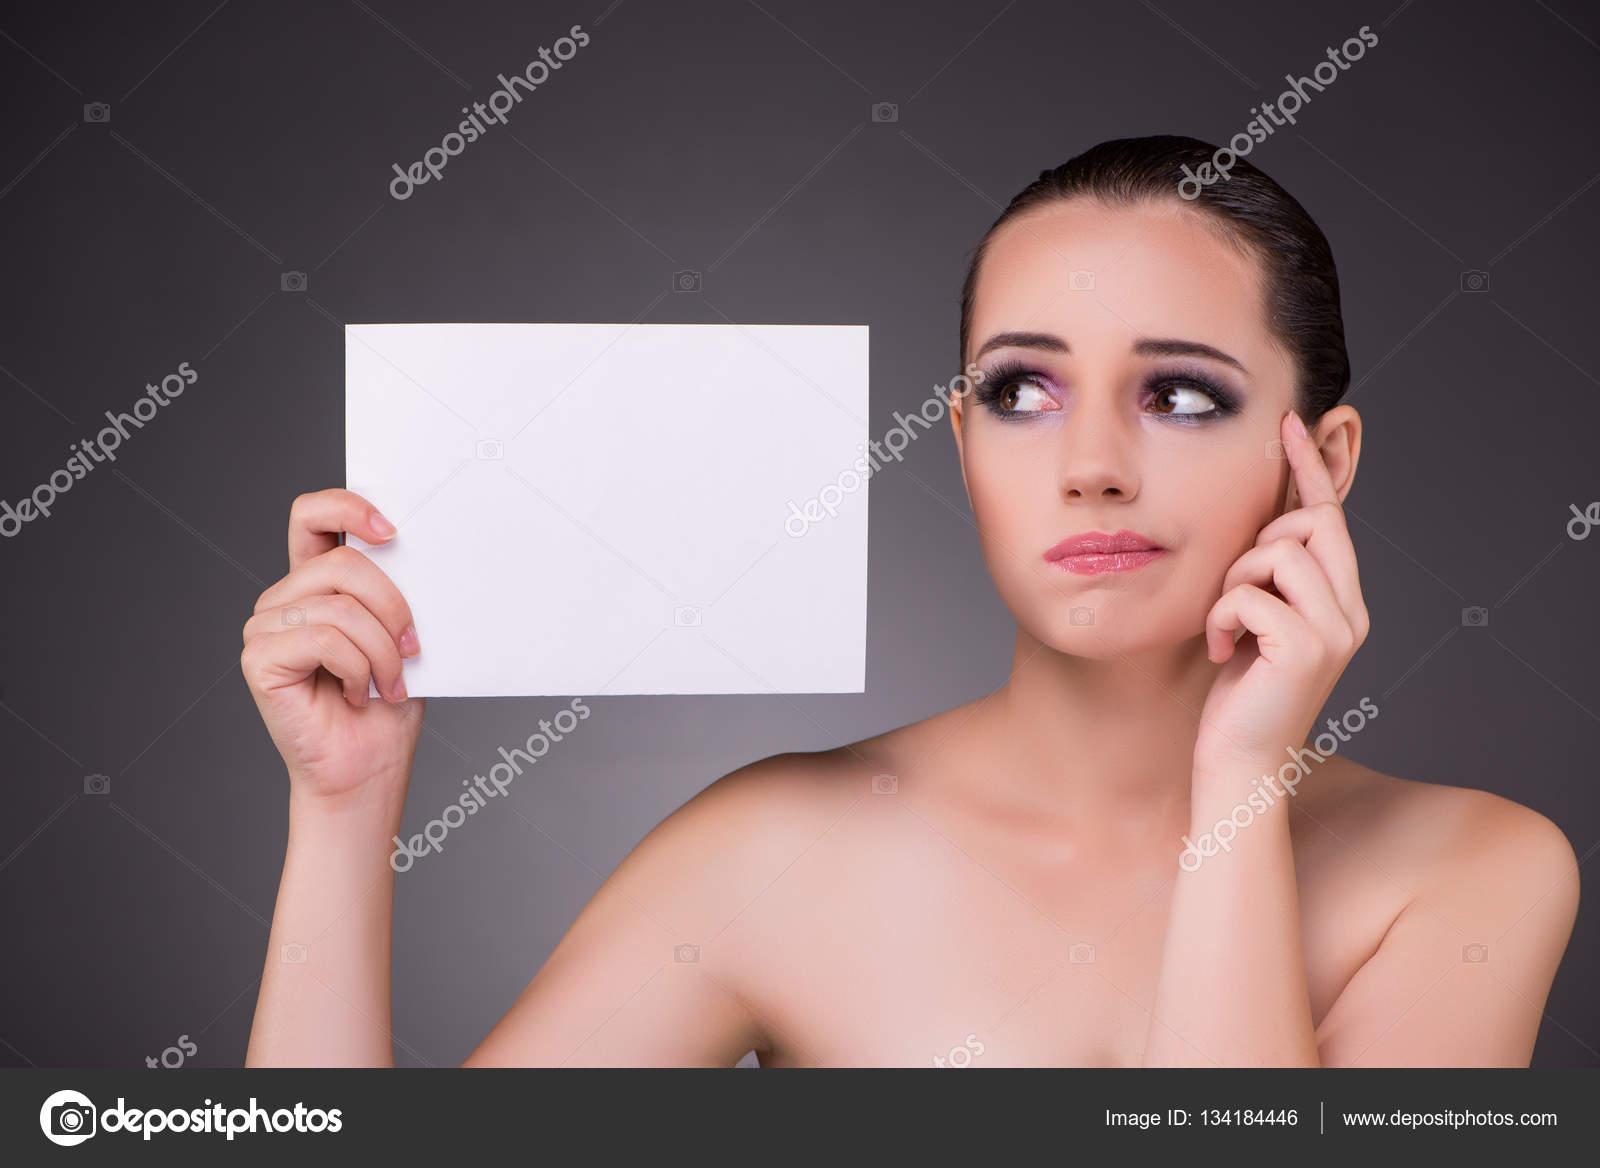 Beautiful woman message